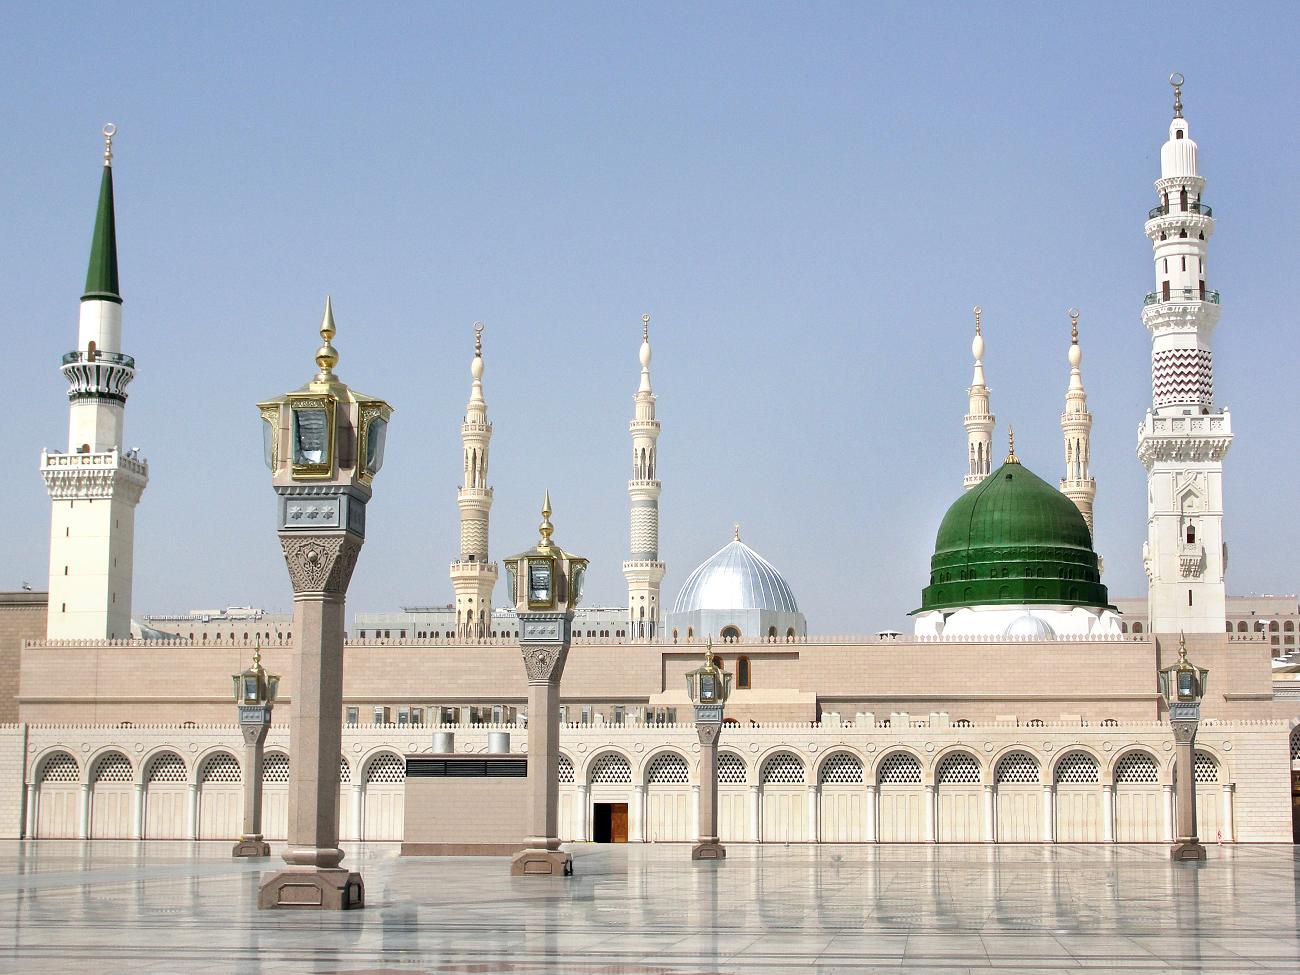 PNG Masjid Nabawi - 88546